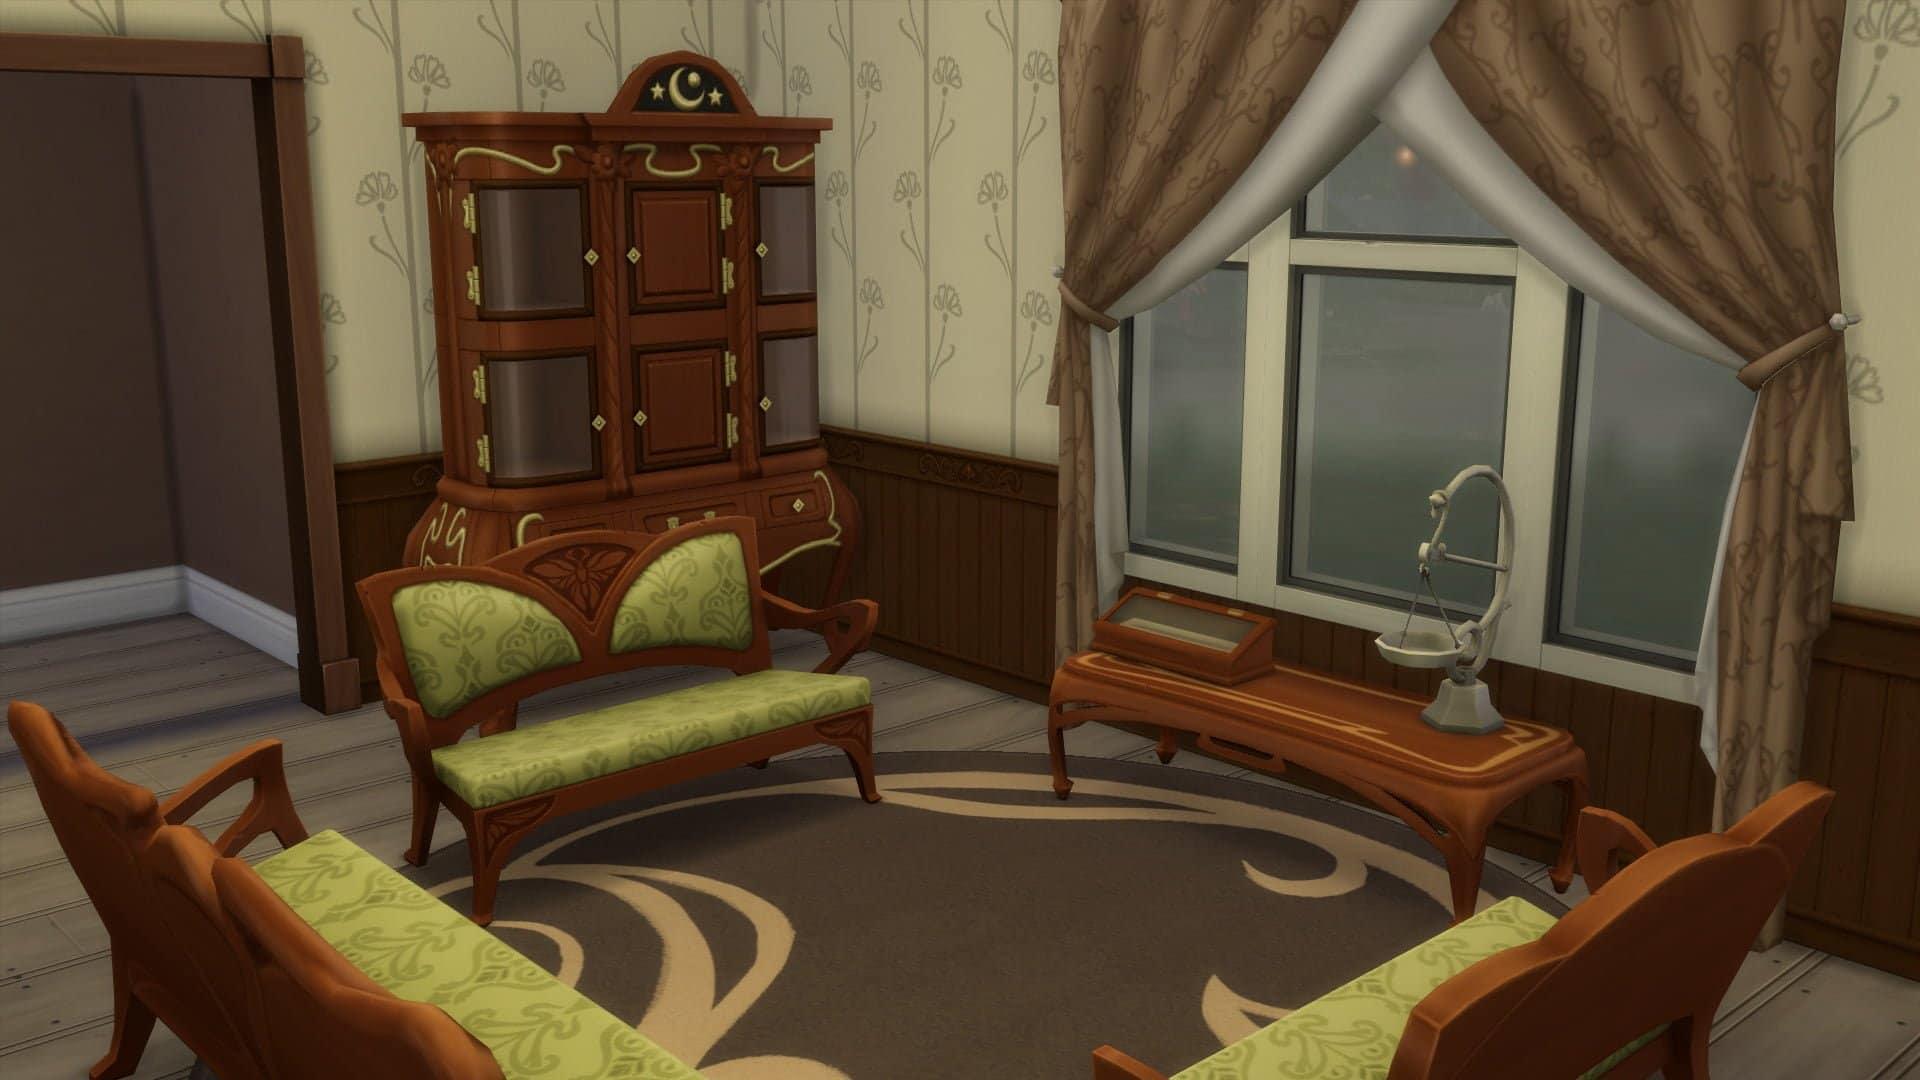 Objets Sims 4 Monde Magique